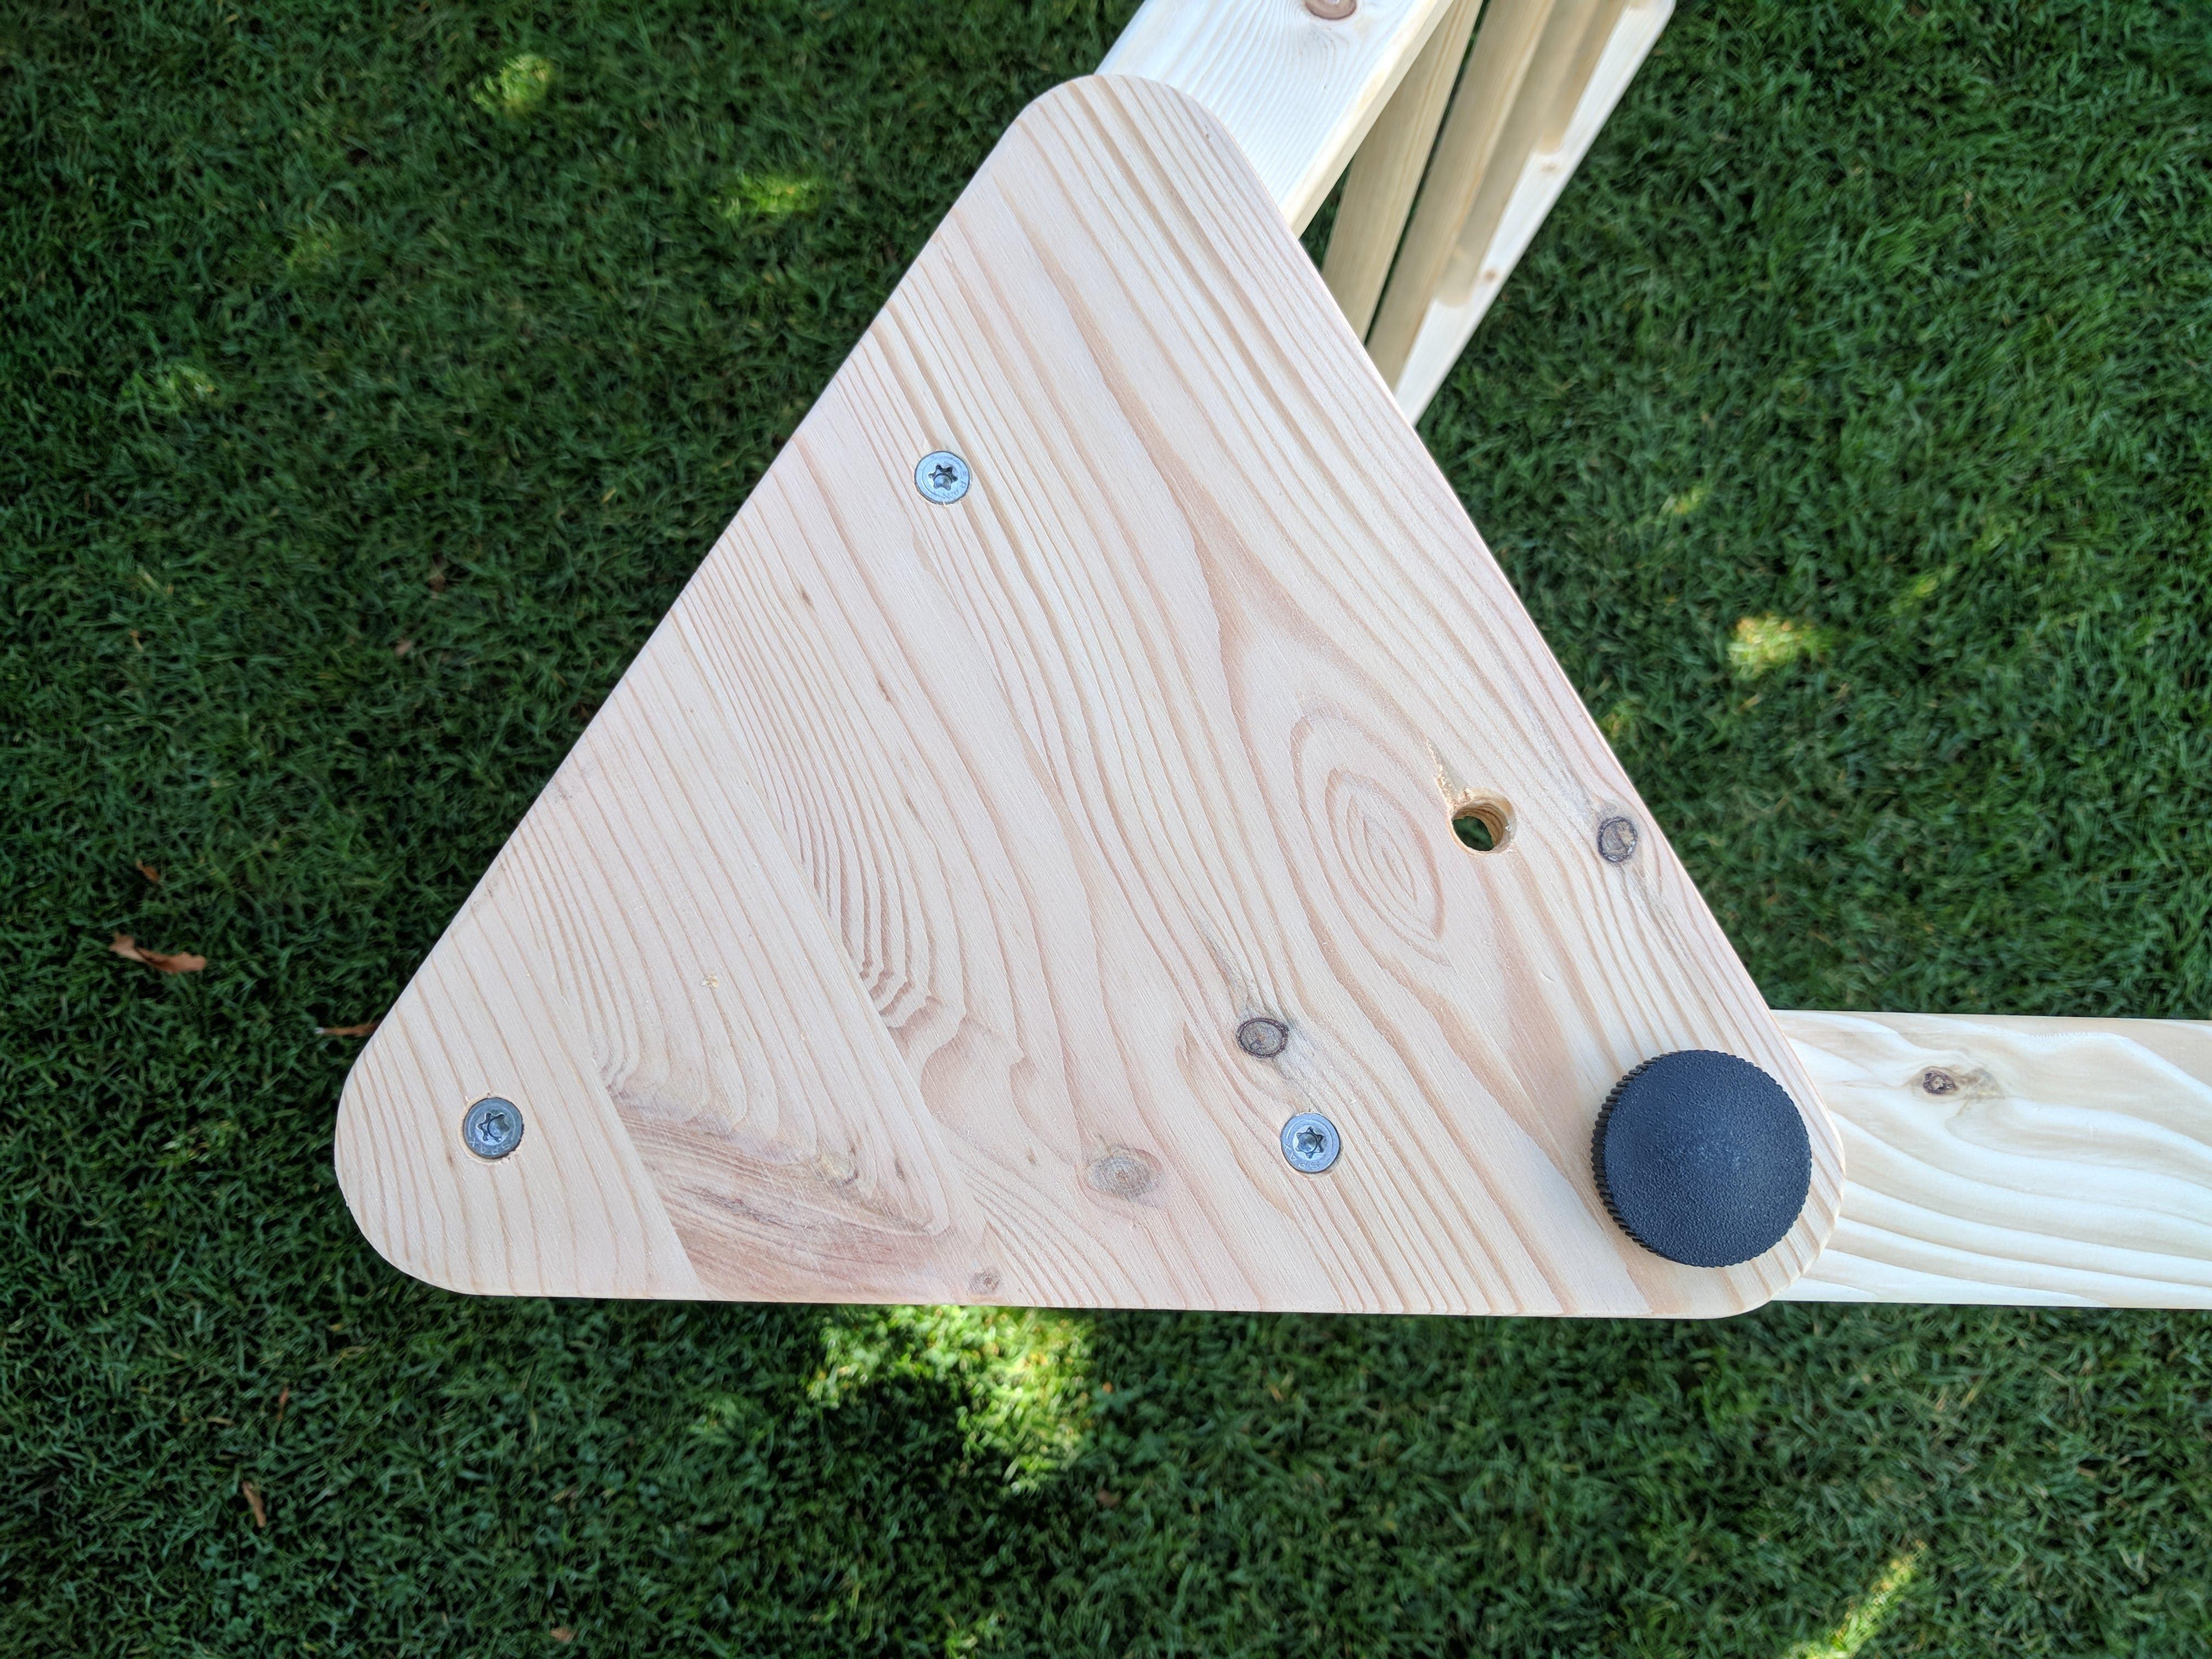 Kletterdreieck Pikler Gebraucht : Kletterdreieck mit rutsche unser nach emmi pikler